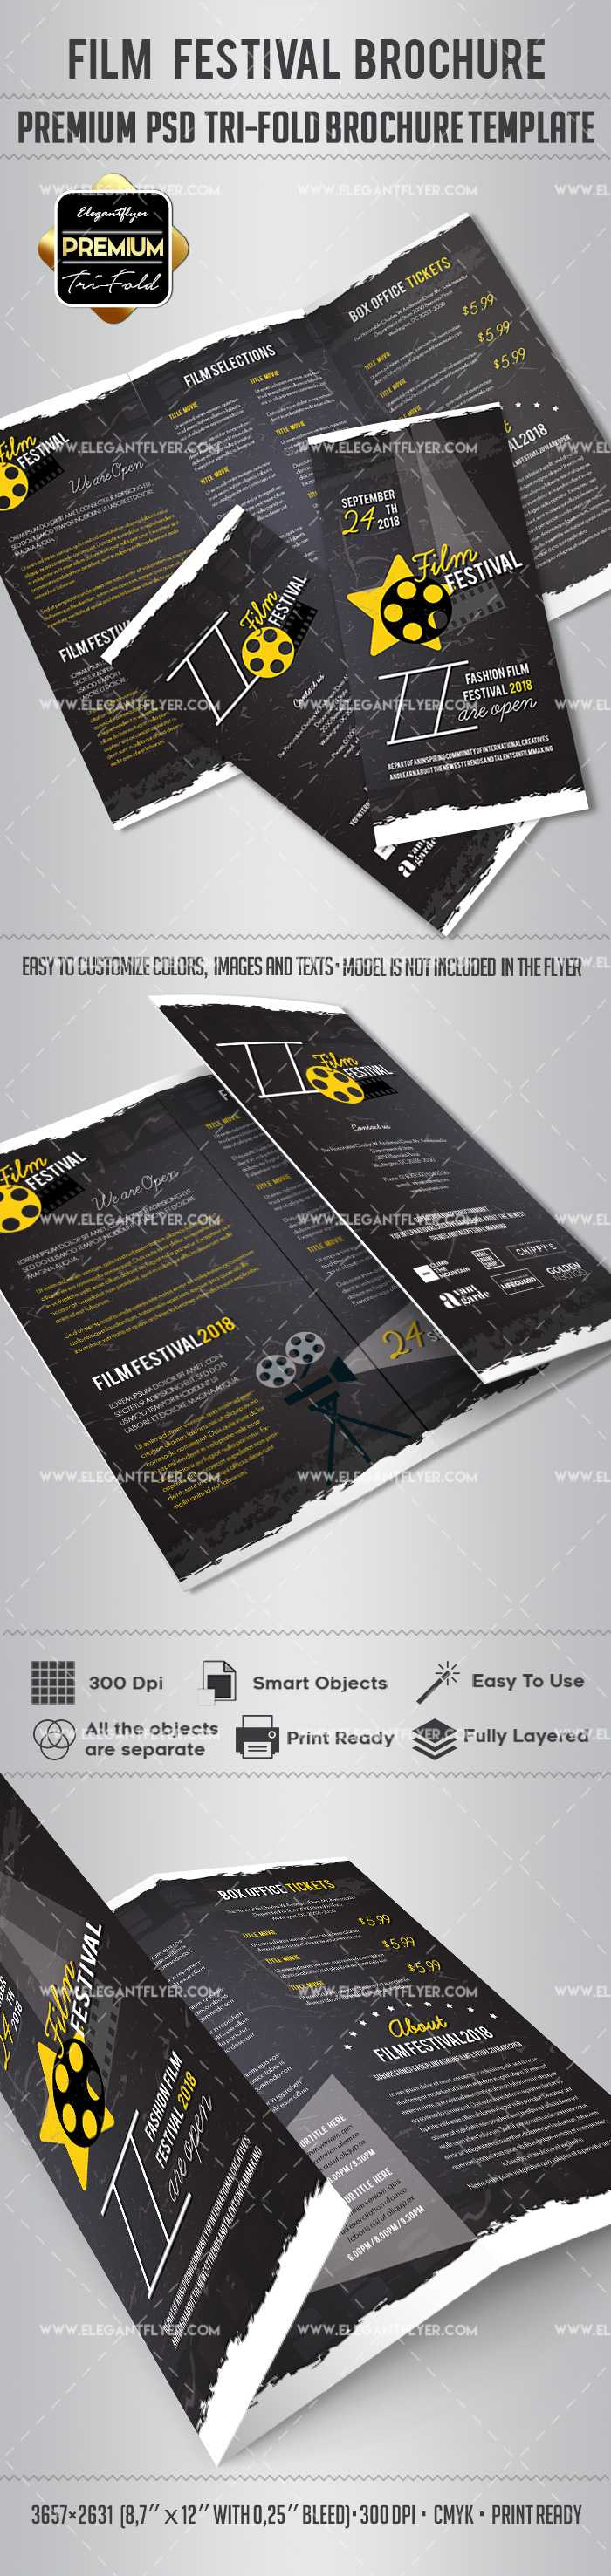 Film Festival Brochure Design For Film Festival Brochure Template